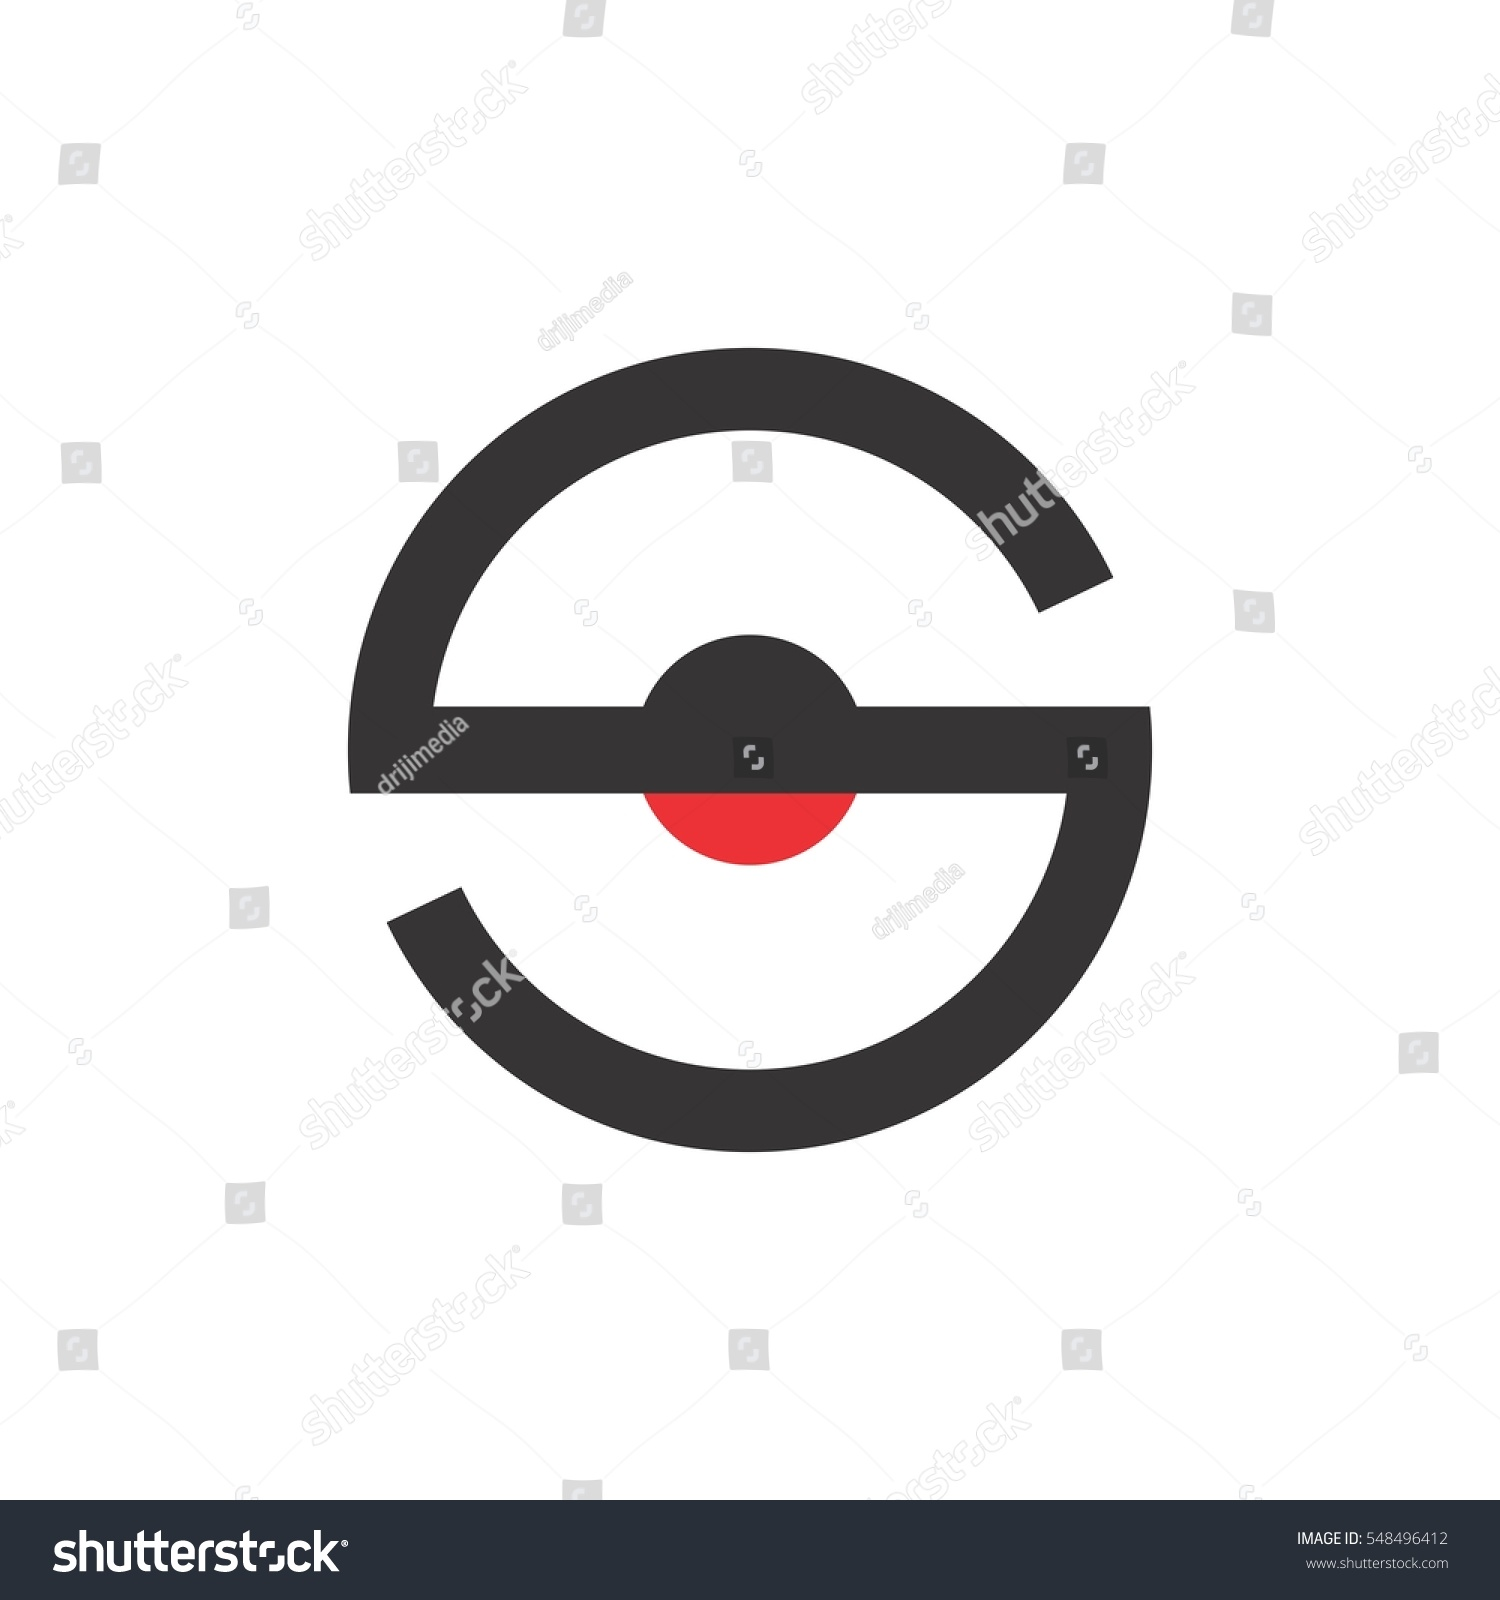 Letter s circle dot center logo stock vector 548496412 shutterstock letter s circle with dot in center logo vector buycottarizona